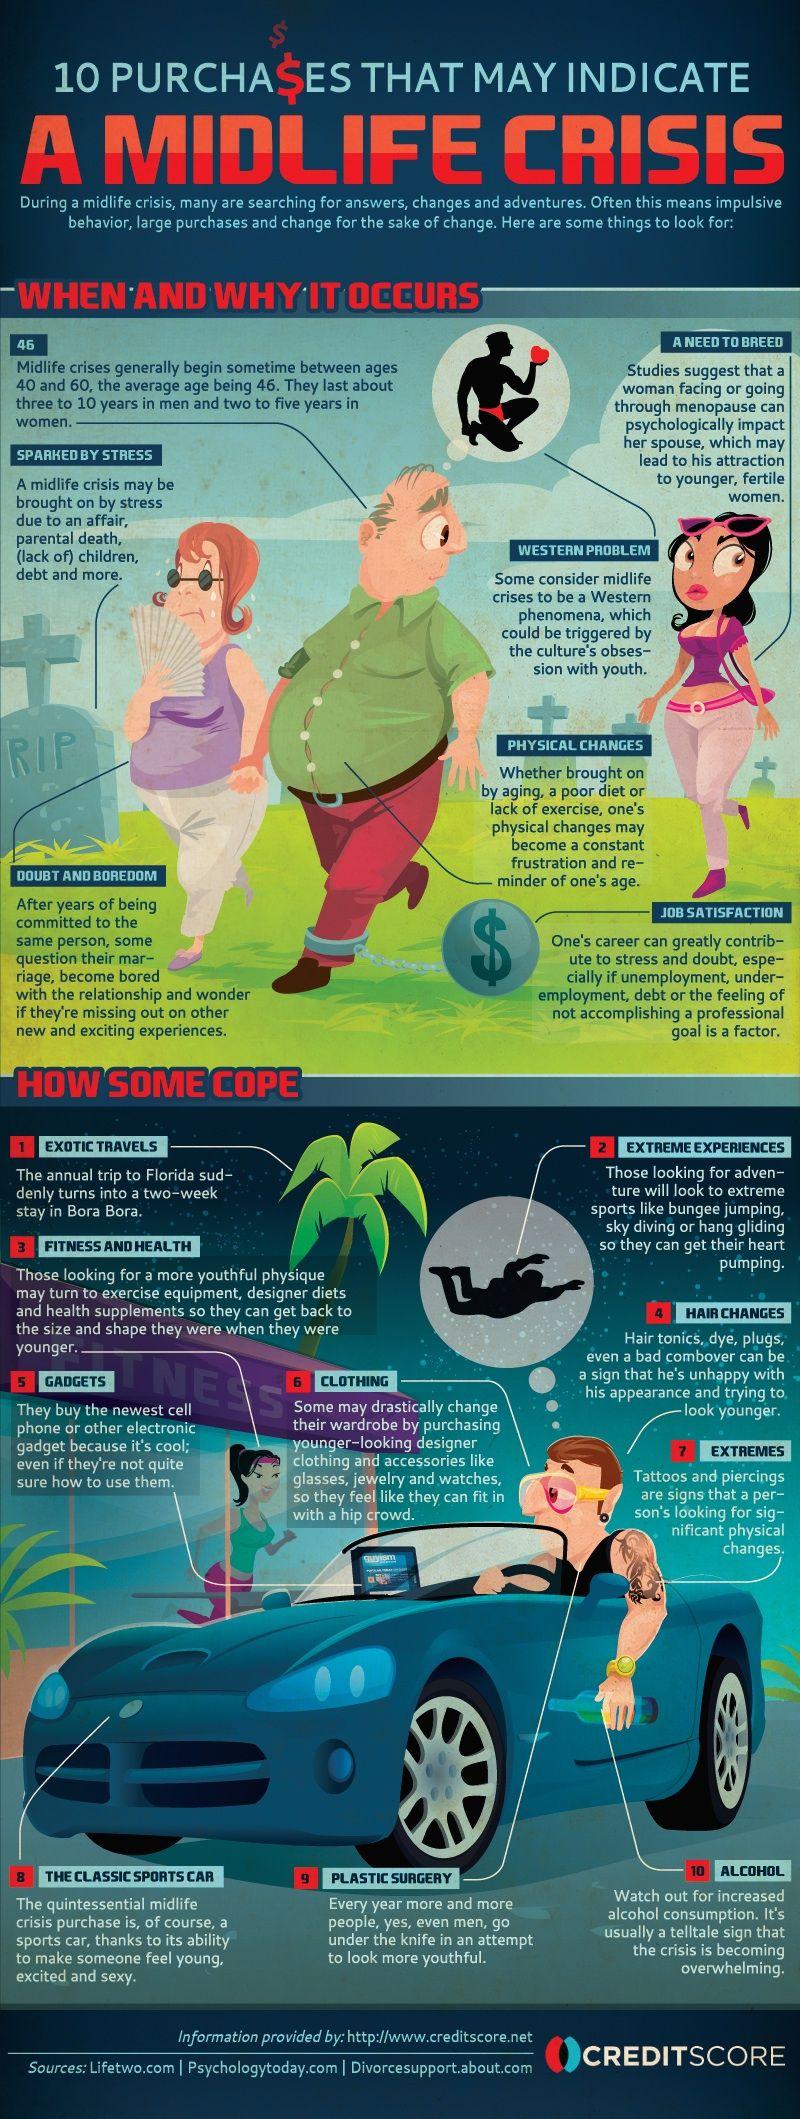 10 nákupov, ktoré môžu indikovať krízu stredného veku | Podnikanie Investovanie Marketing Predaj firiem ako podnikať financovanie podniku dotácie, webstránky internet barter Joint ventures